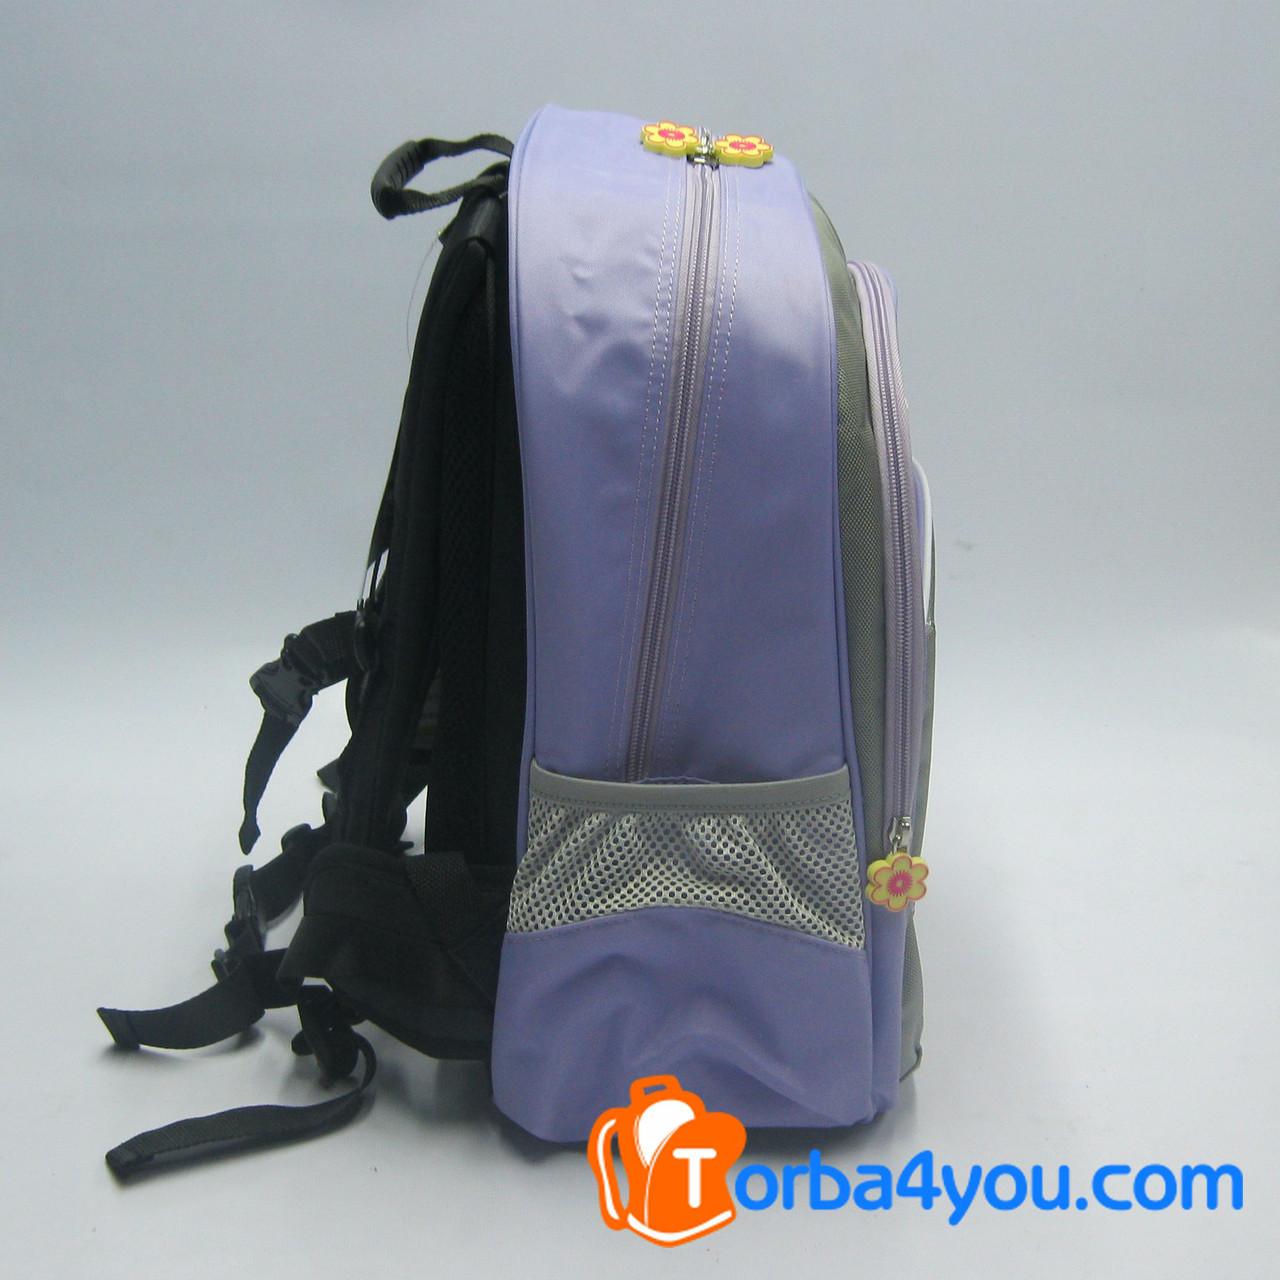 Ортопедические рюкзаки для переноски детей цена рюкзаки на бак мотоцикла